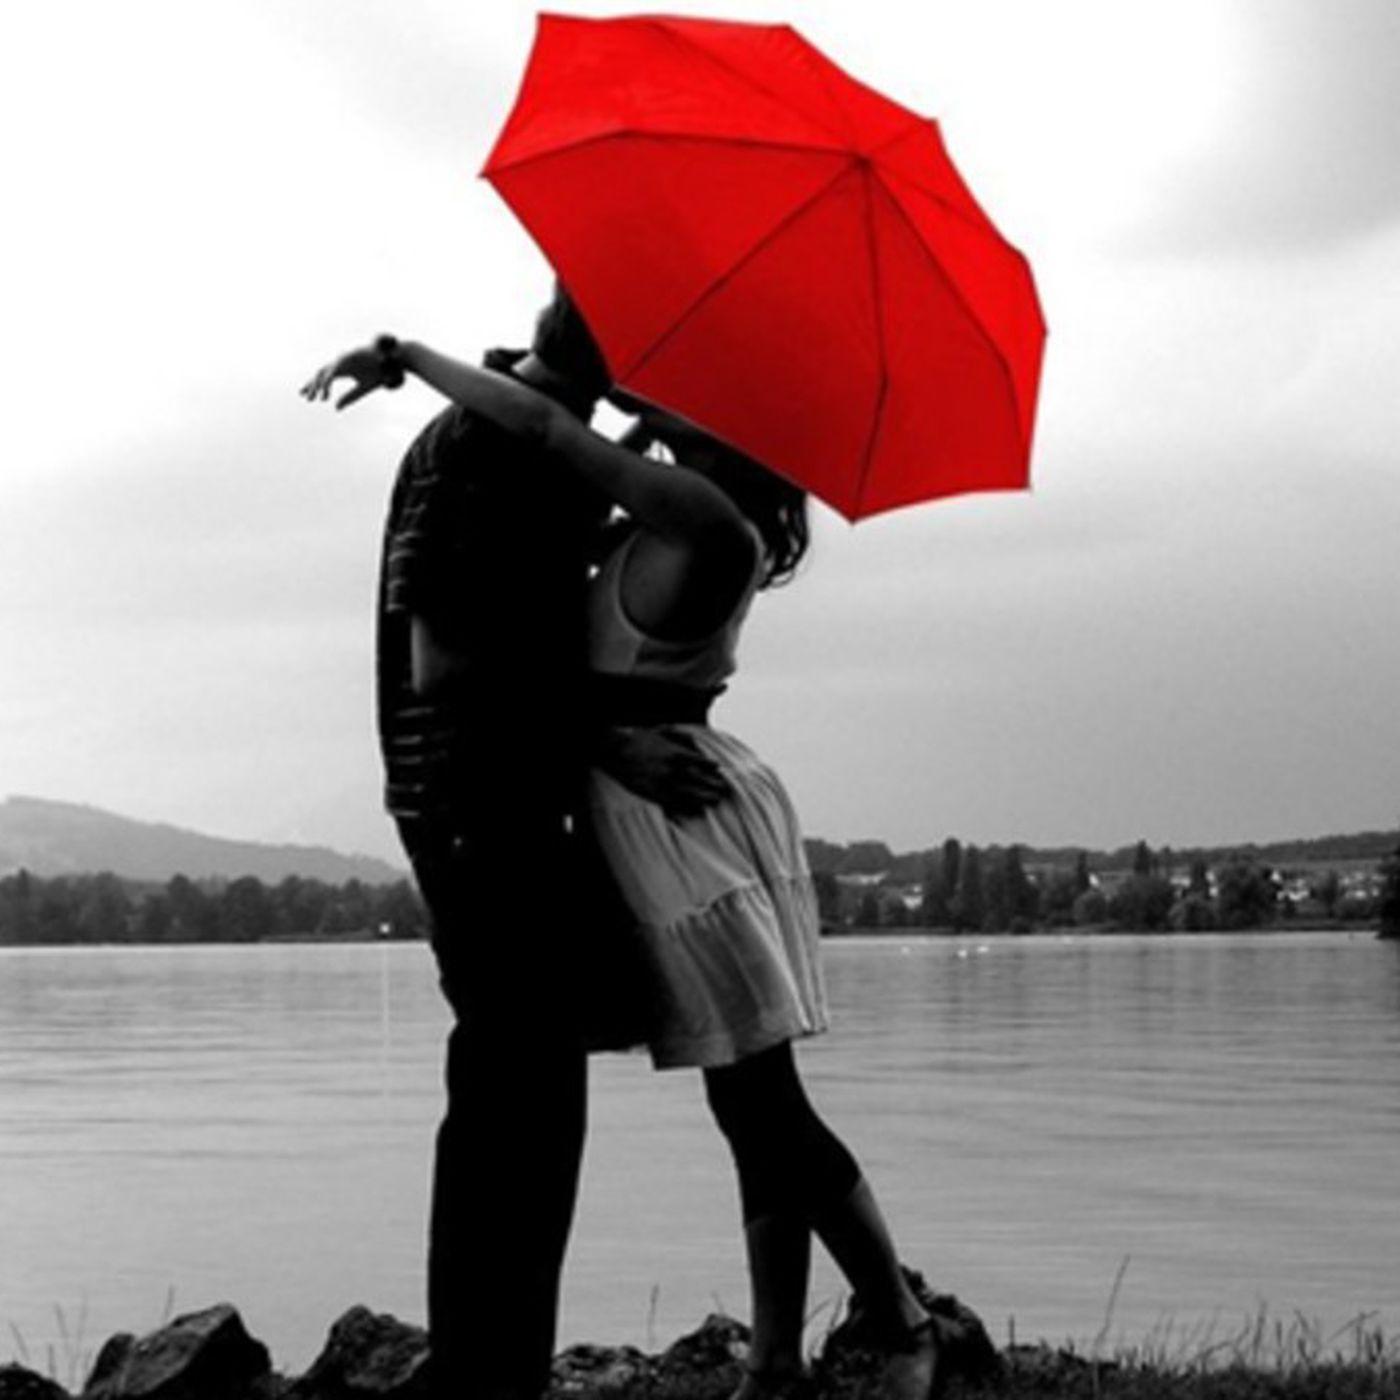 Aşk Nedir? Neden Evrimleşmiştir? Nasıl Aşık Oluruz?